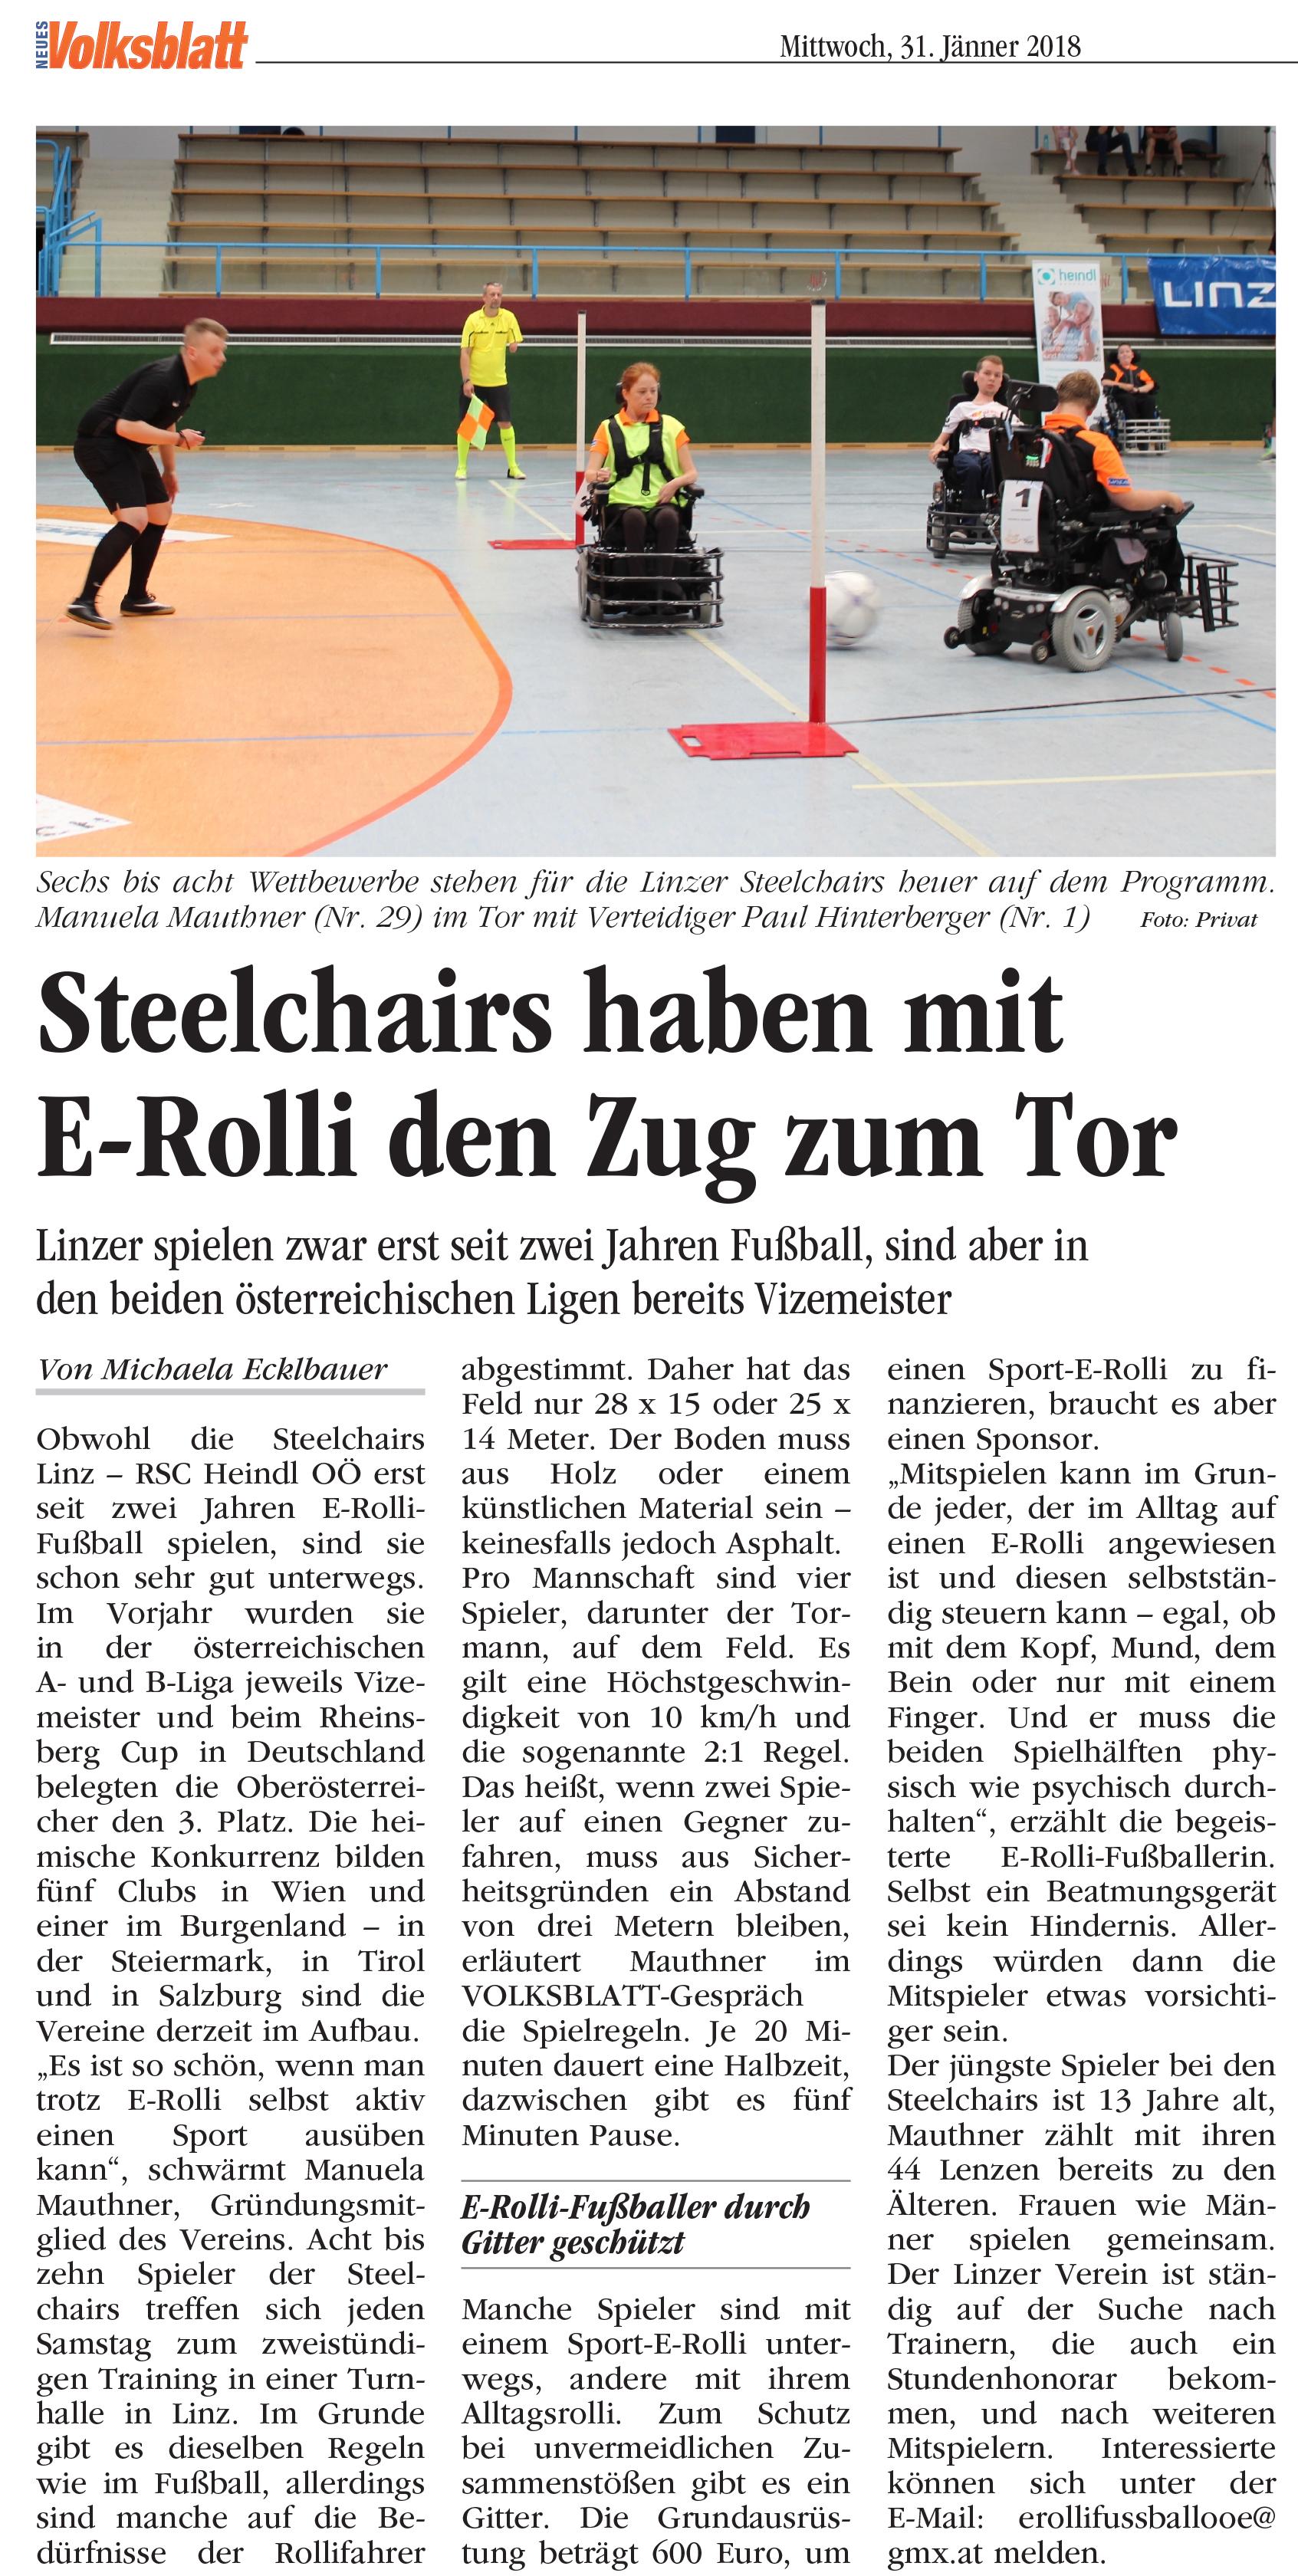 Neues Volksblatt vom 31. Jänner 2018